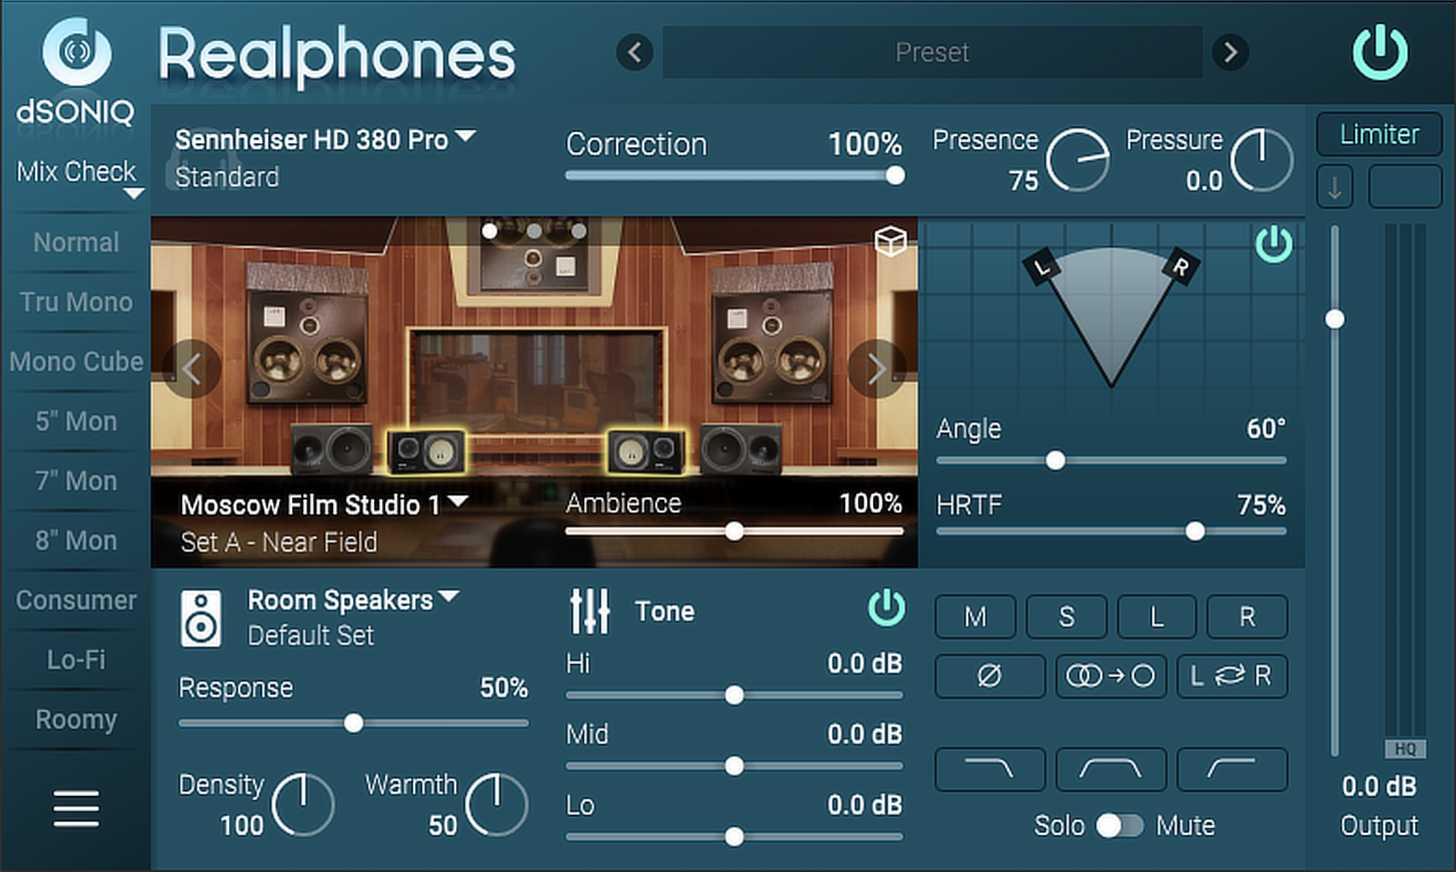 dSONIQ Realphones